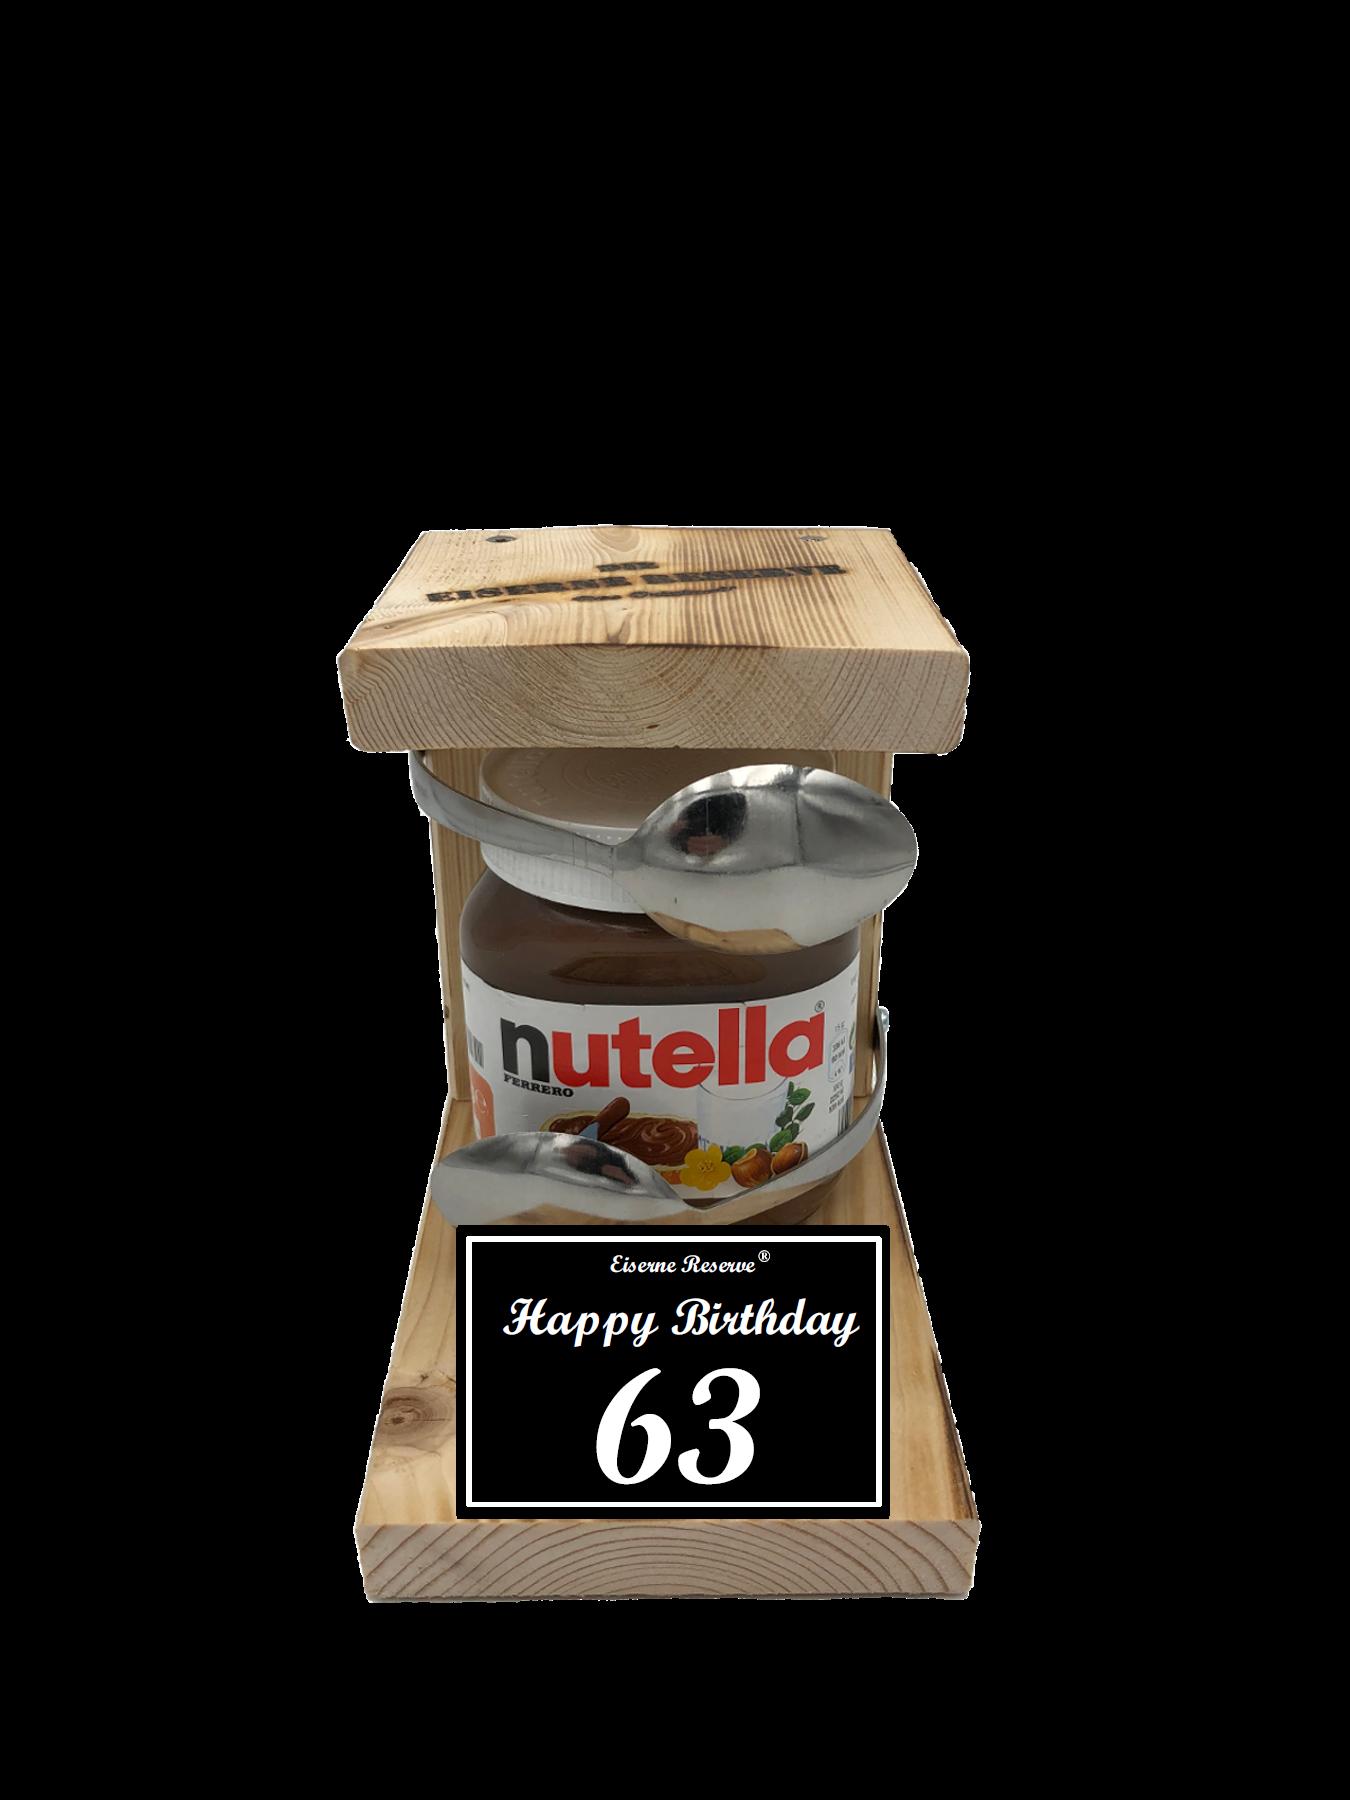 63 Happy Birthday Löffel Nutella Geschenk - Die Nutella Geschenkidee